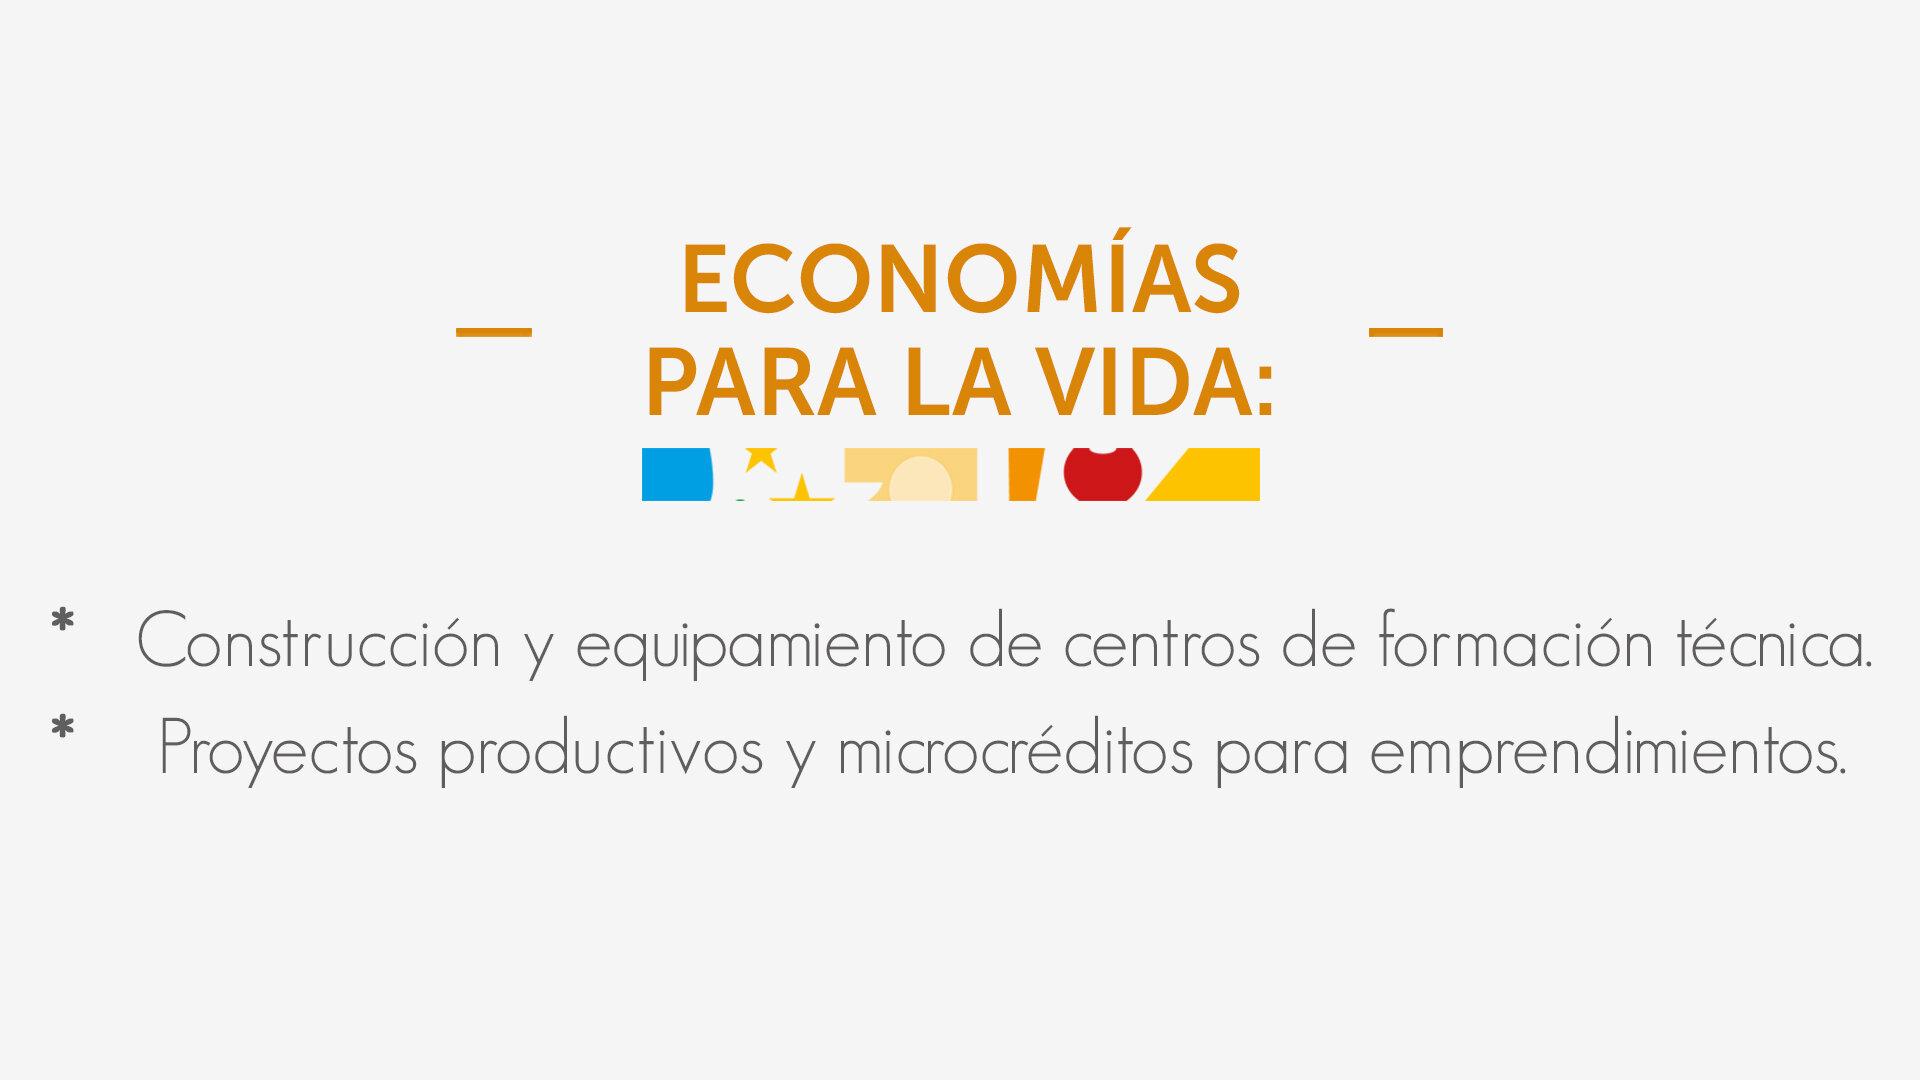 Economías para la vida